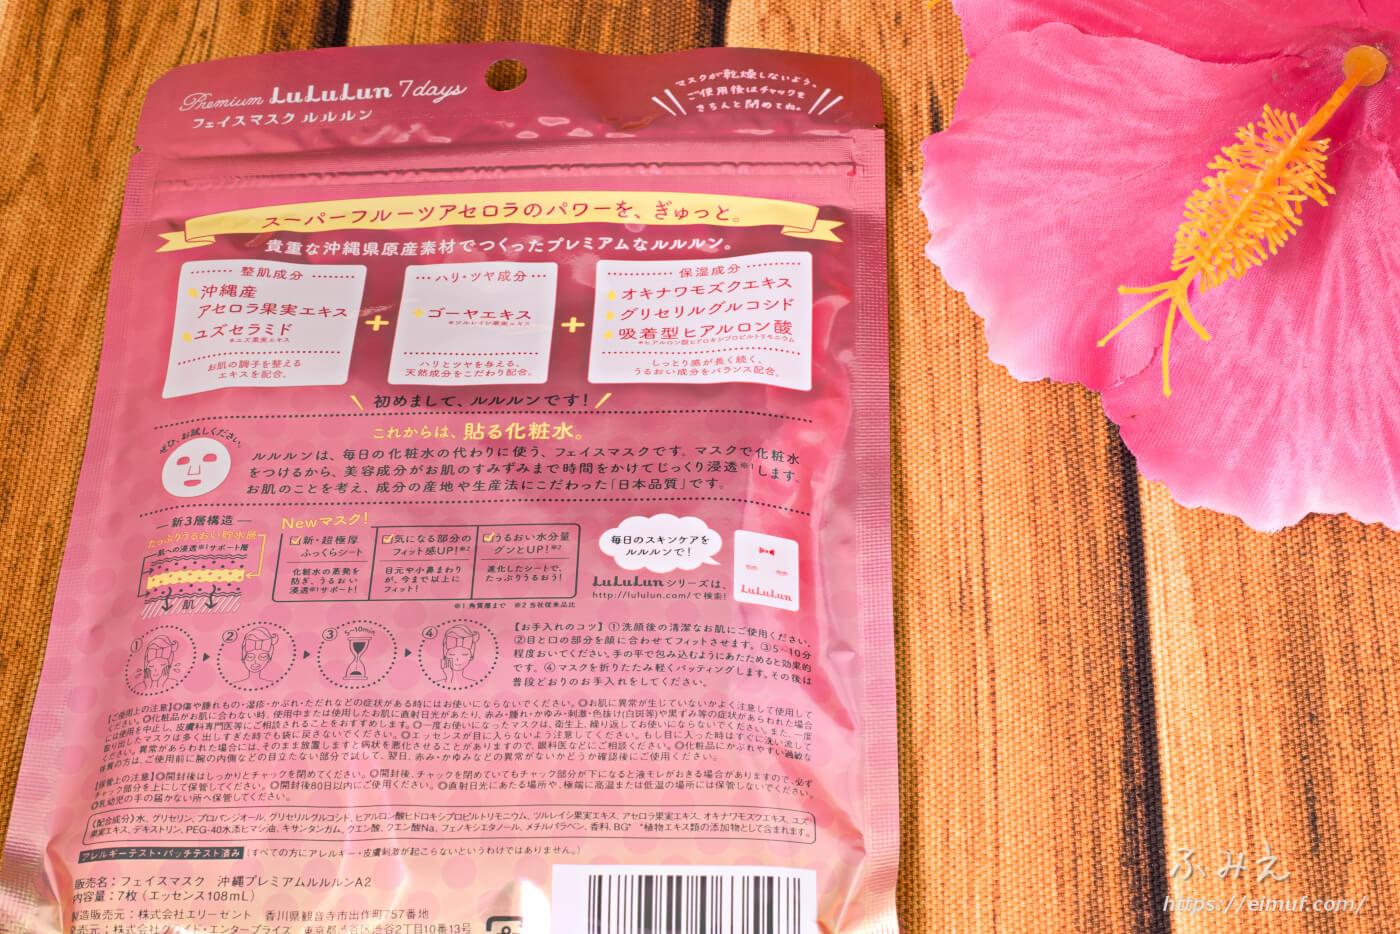 沖縄のプレミアムルルルン(アセロラの香り) 7枚入りのパッケージ裏面